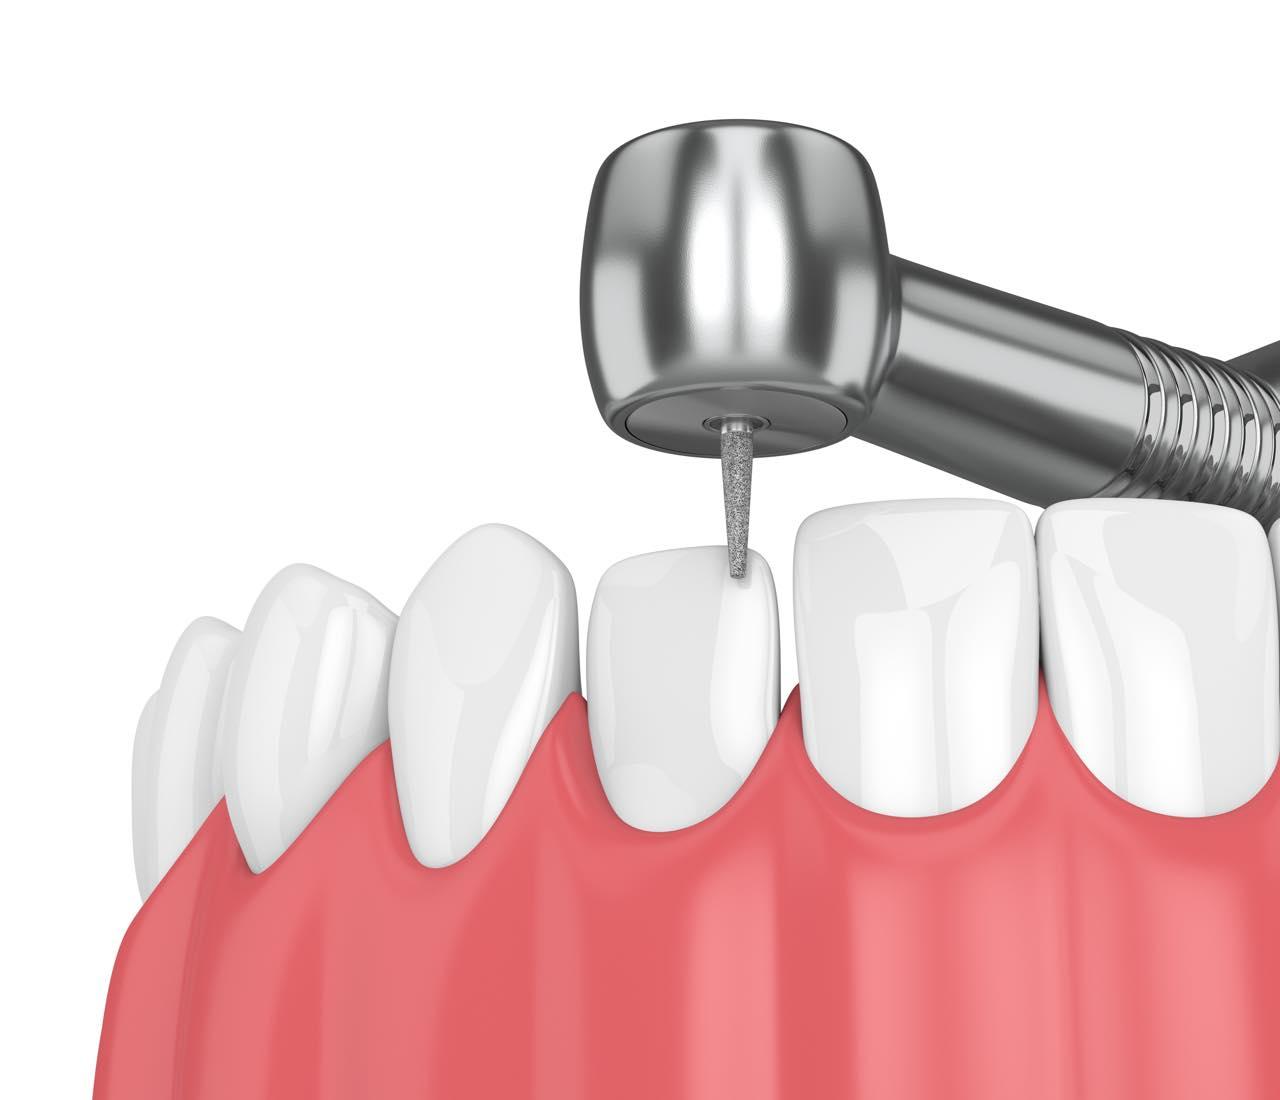 虫歯でもセラミック矯正はできる?治療後の虫歯のリスクも教えて